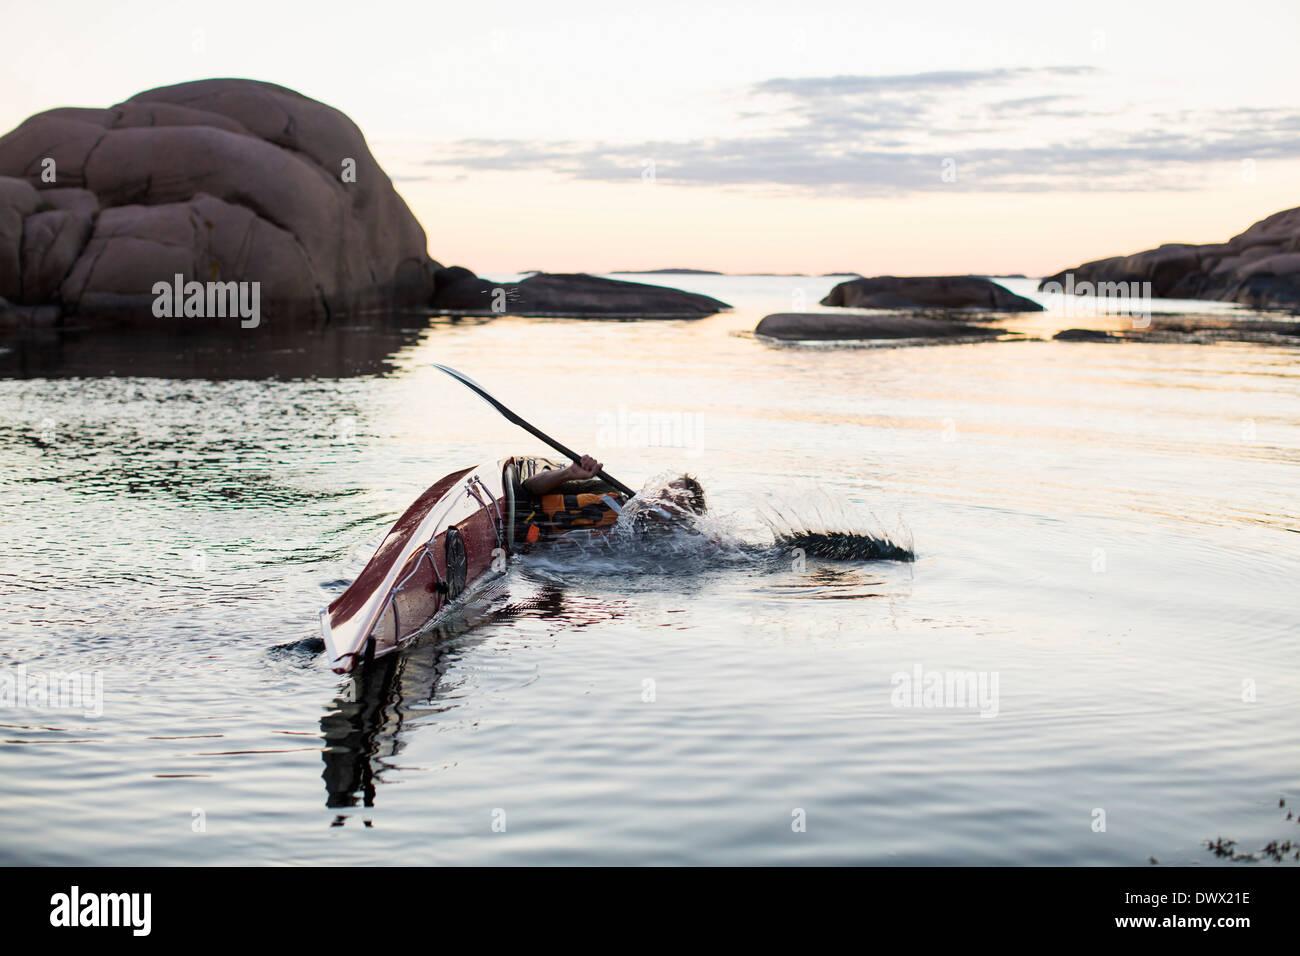 Man falling into water while kayaking - Stock Image